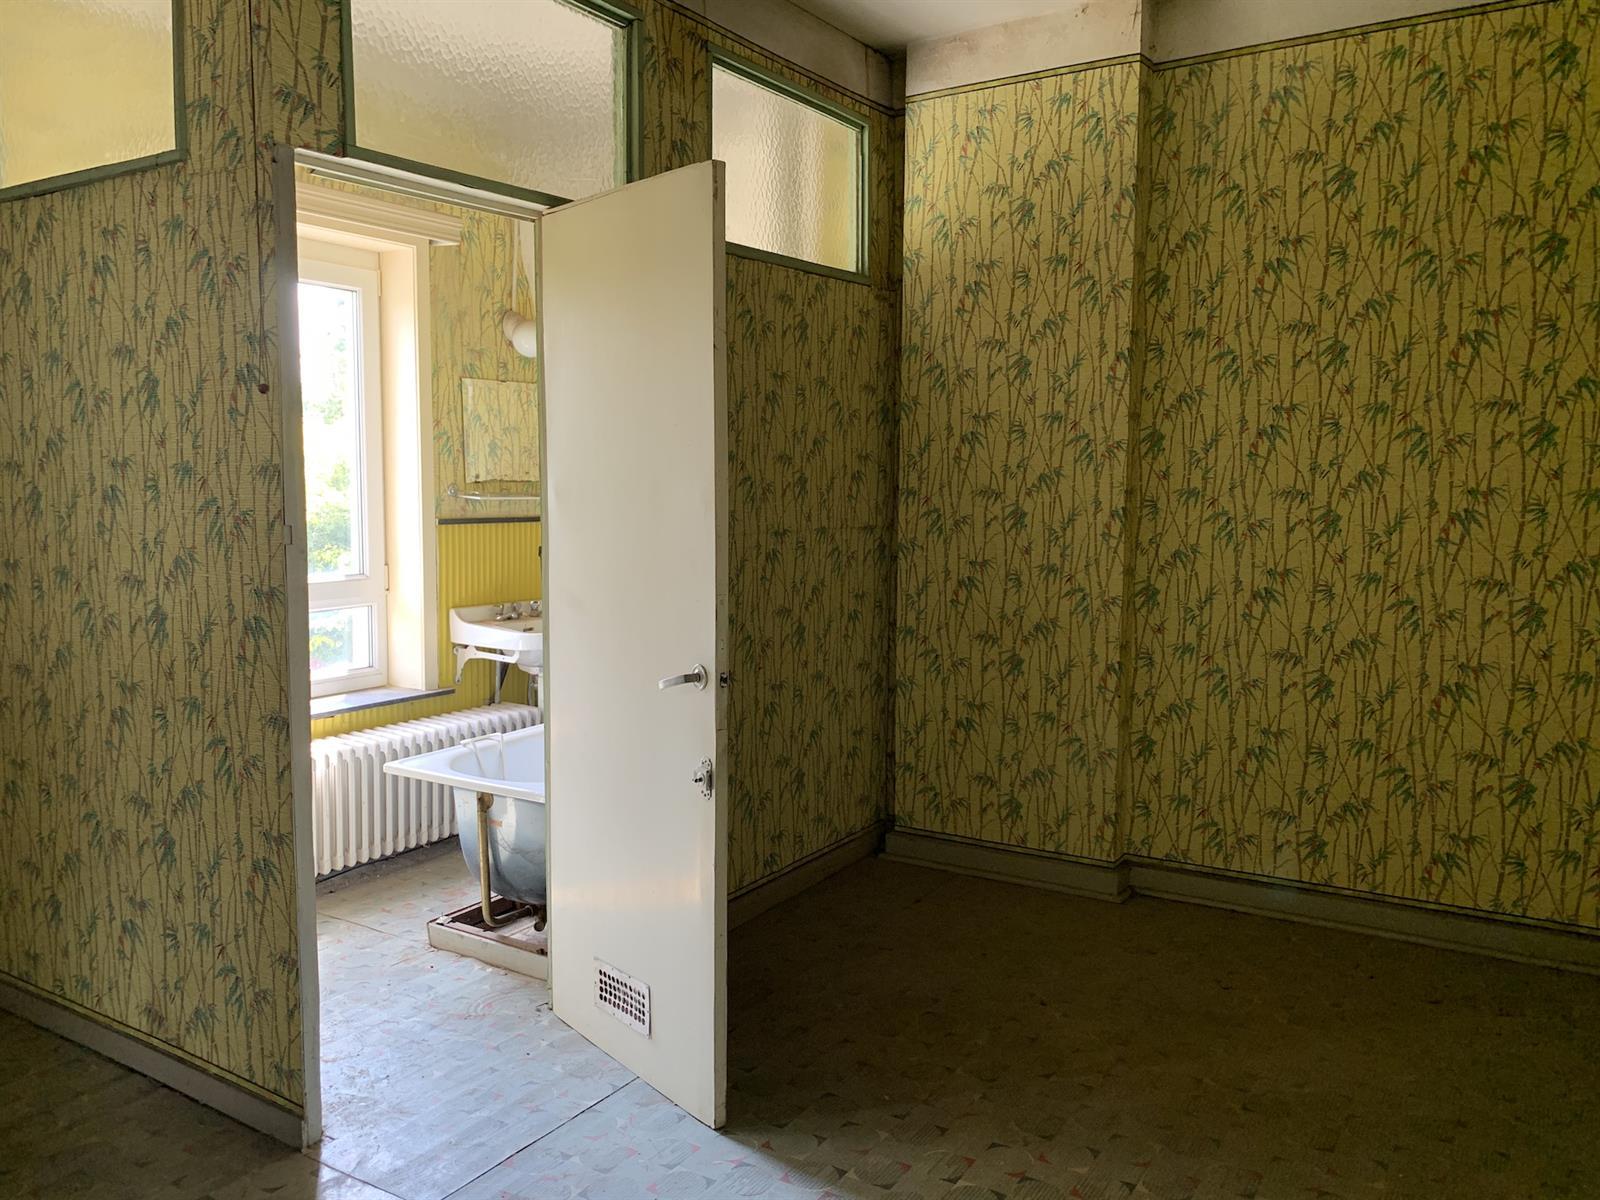 Maison de maître - Chapelle-lez-Herlaimont - #4281086-7